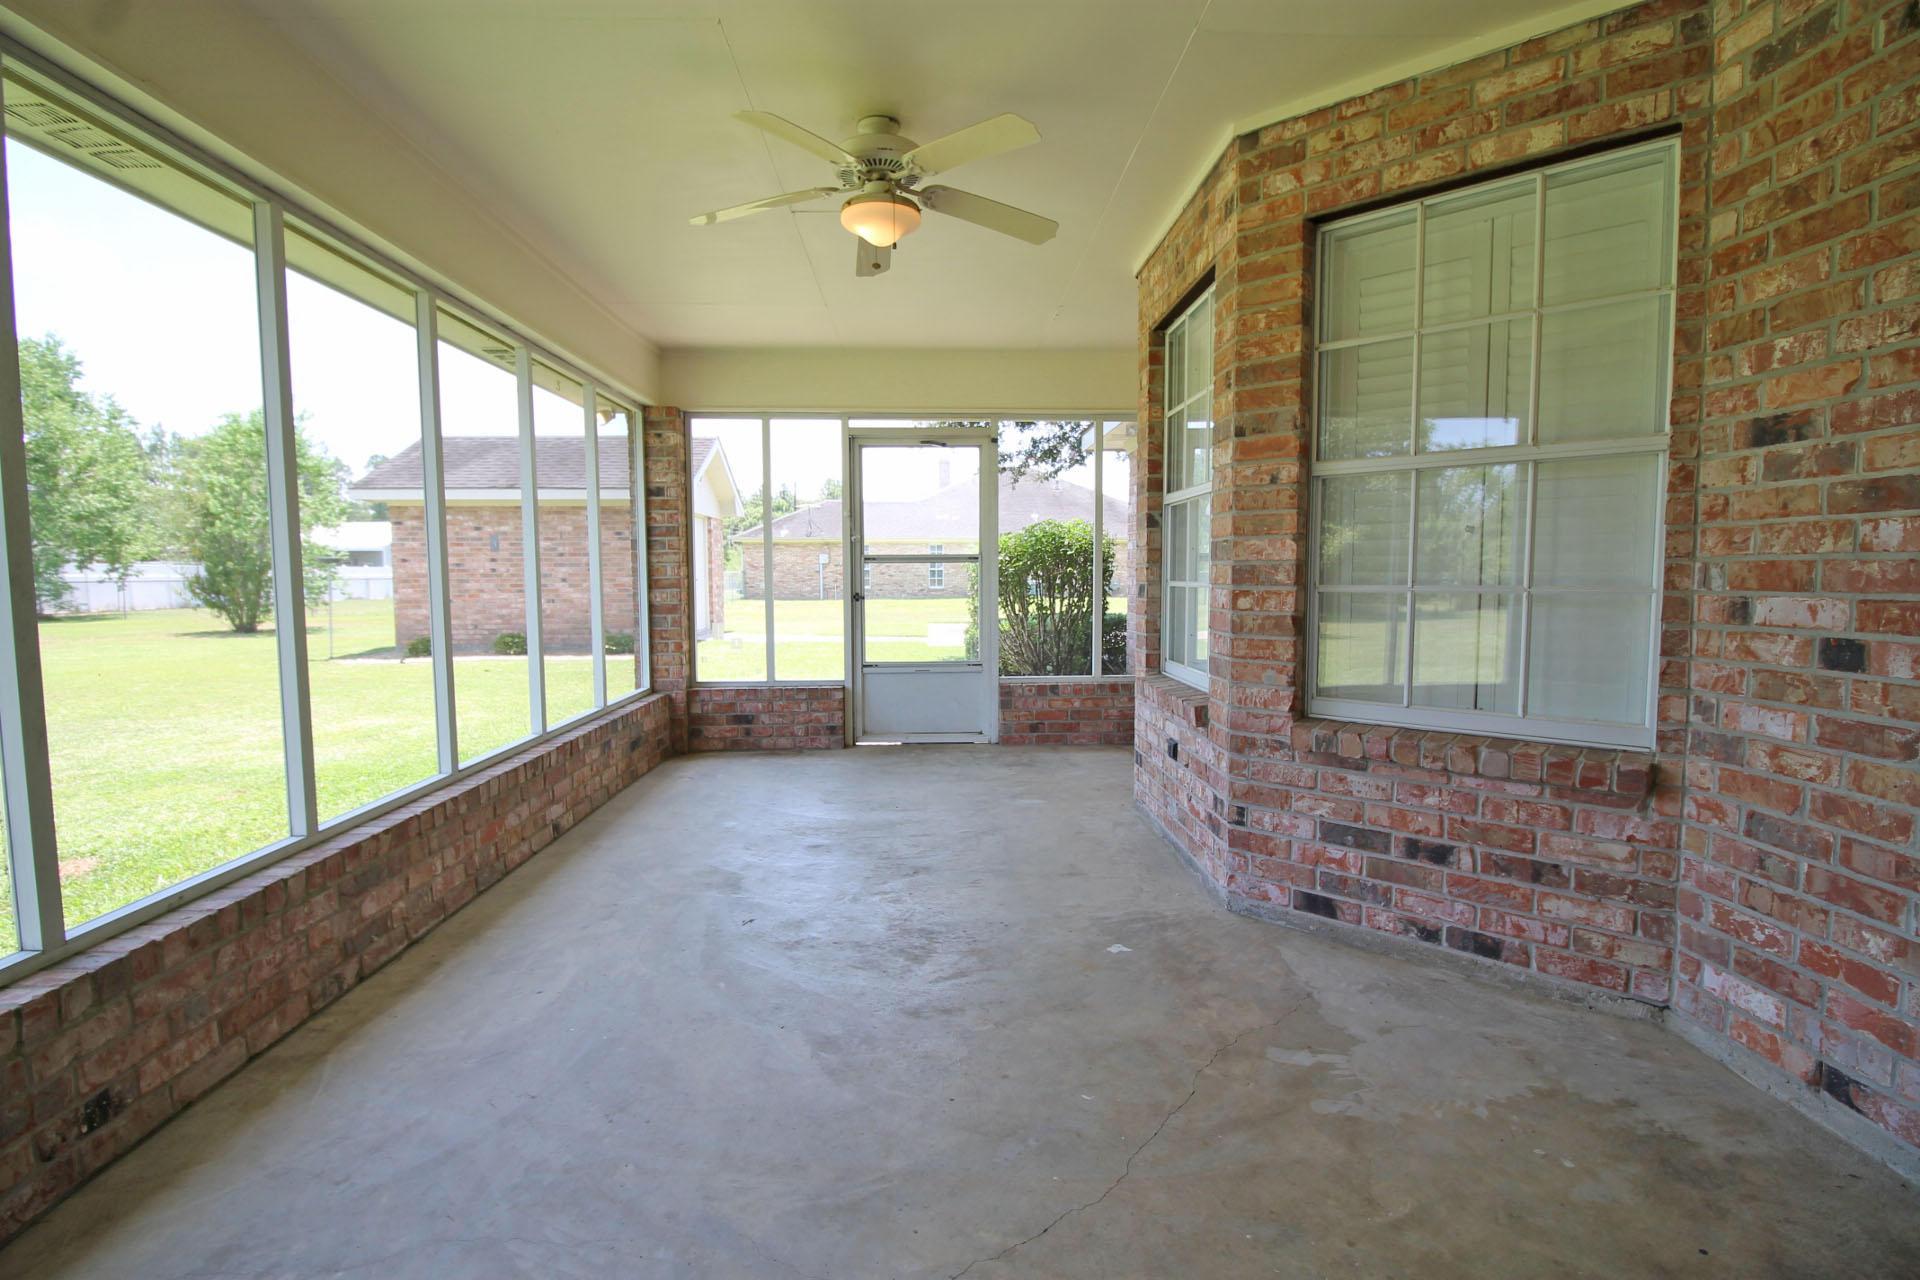 DeRidder home for sale, 1304 Allison Dr, DeRidder LA - $245,500